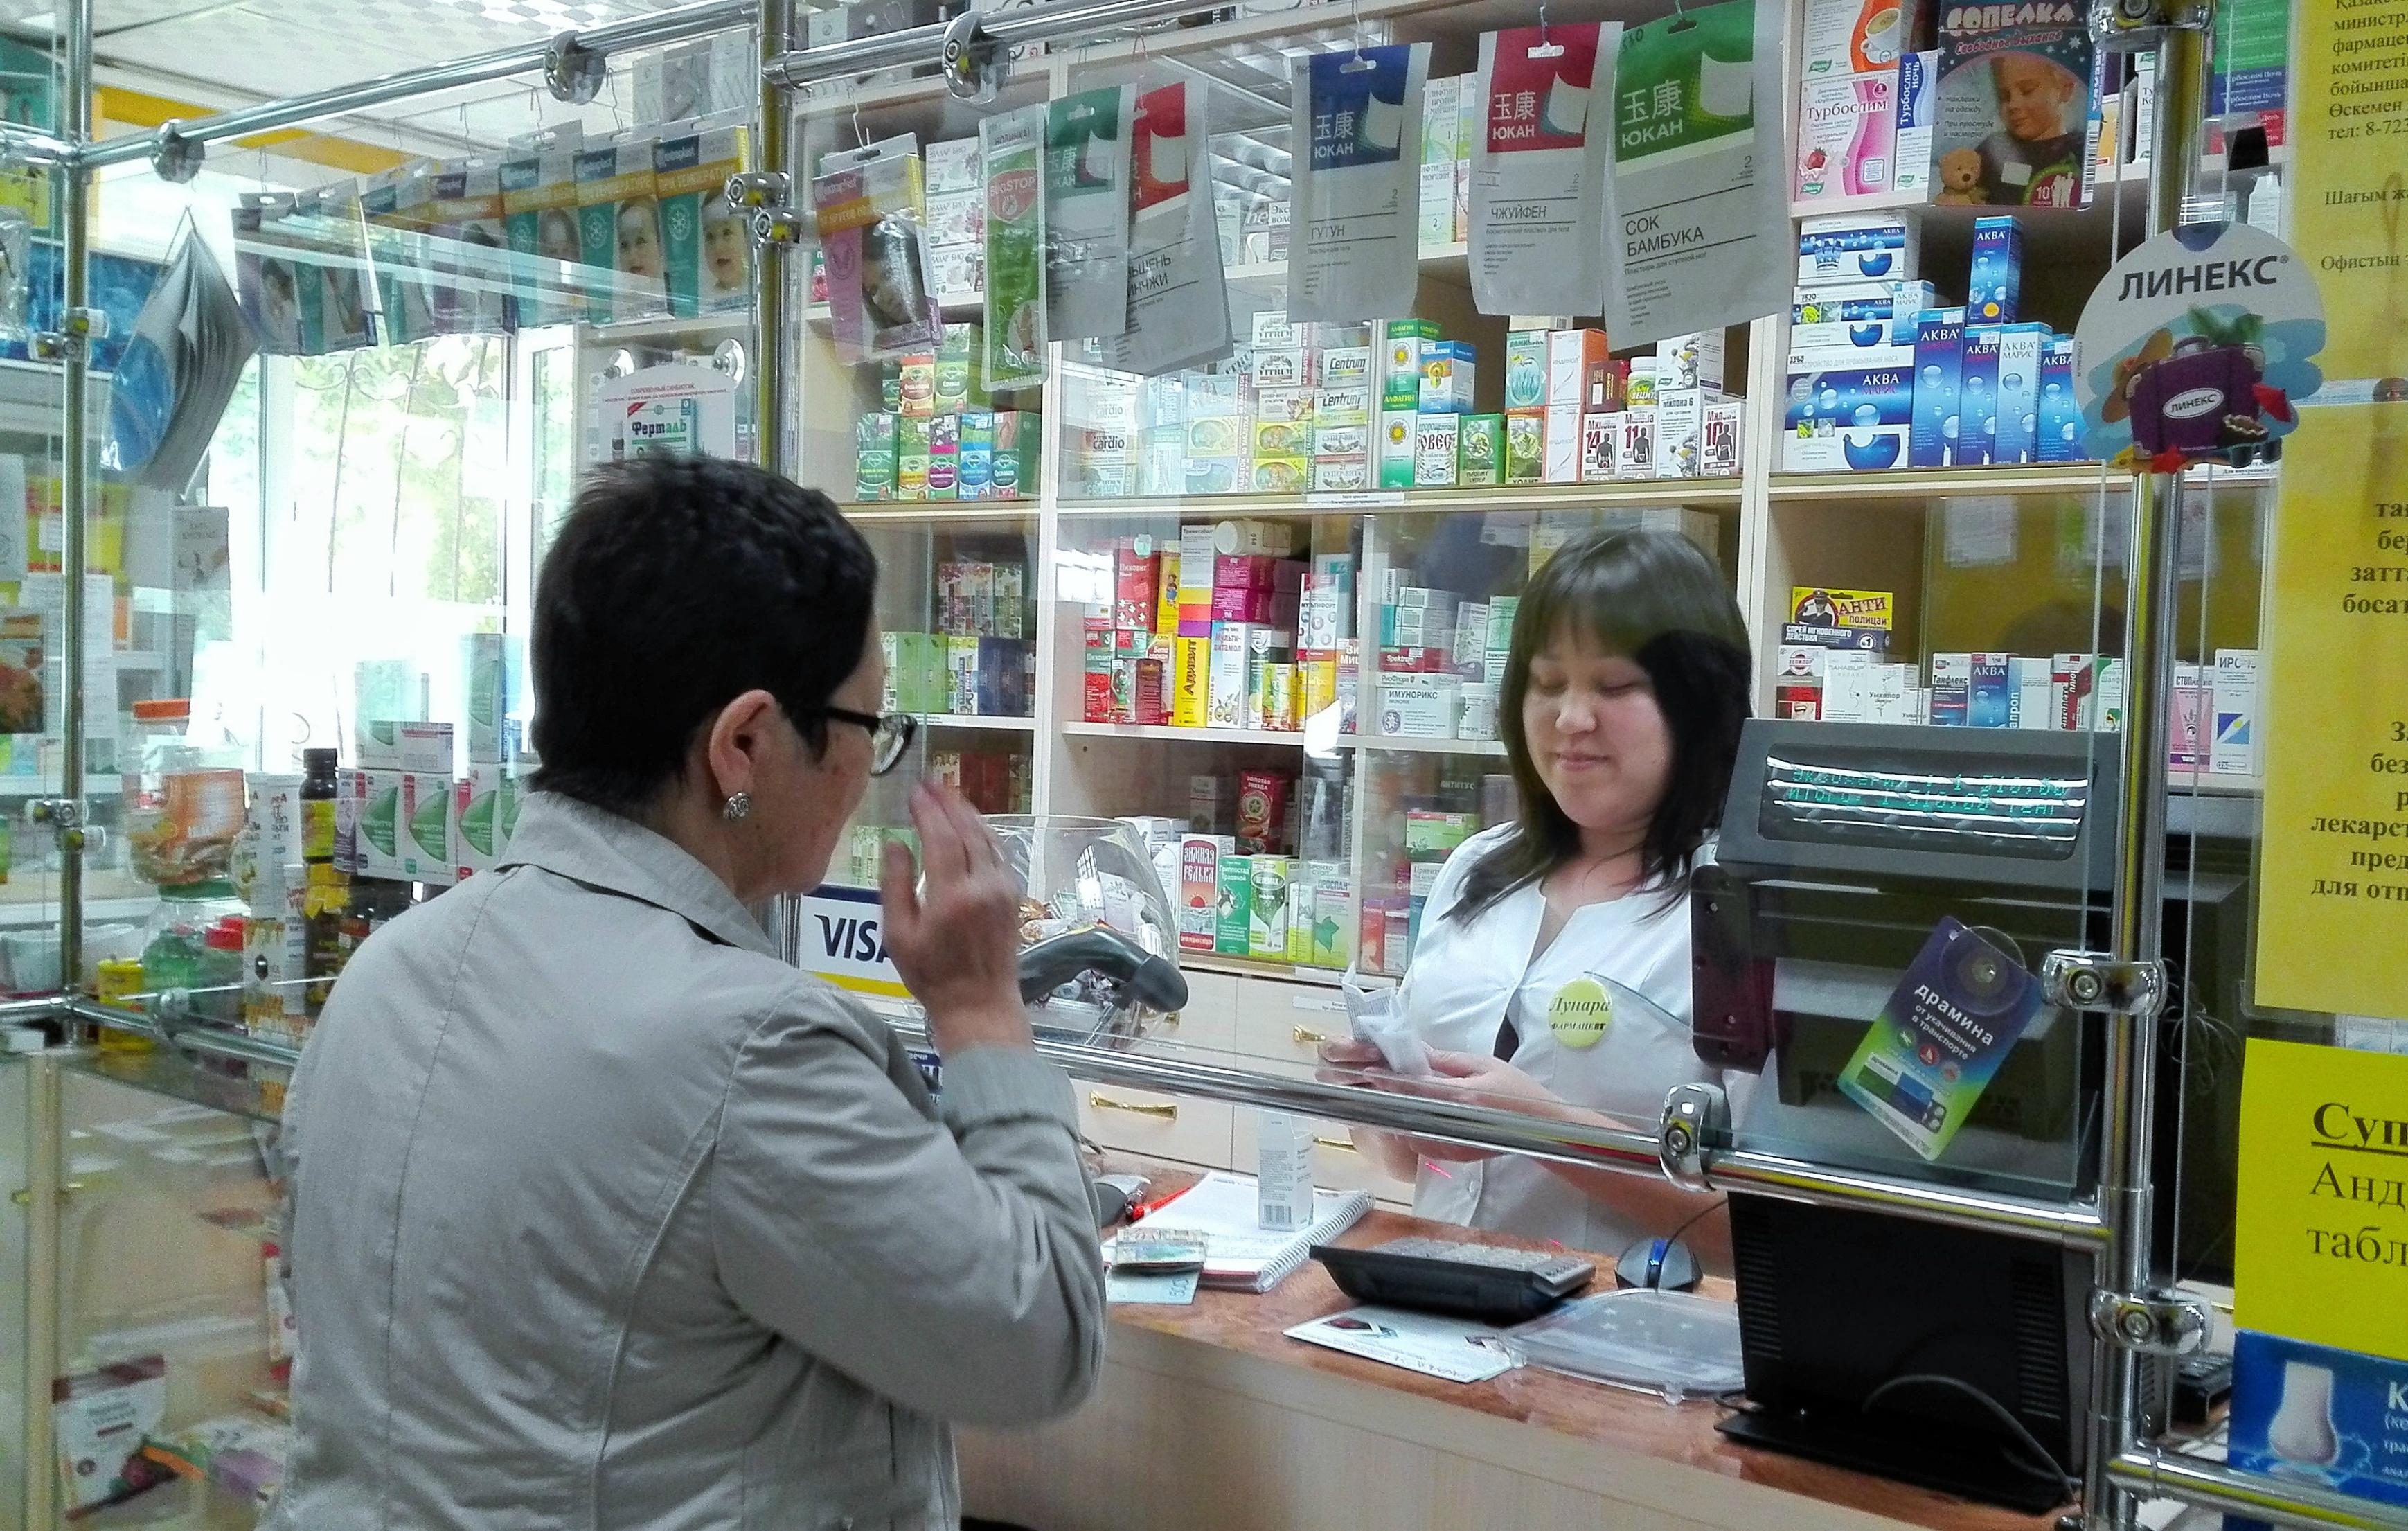 Как сделать заказ в аптеке озерки